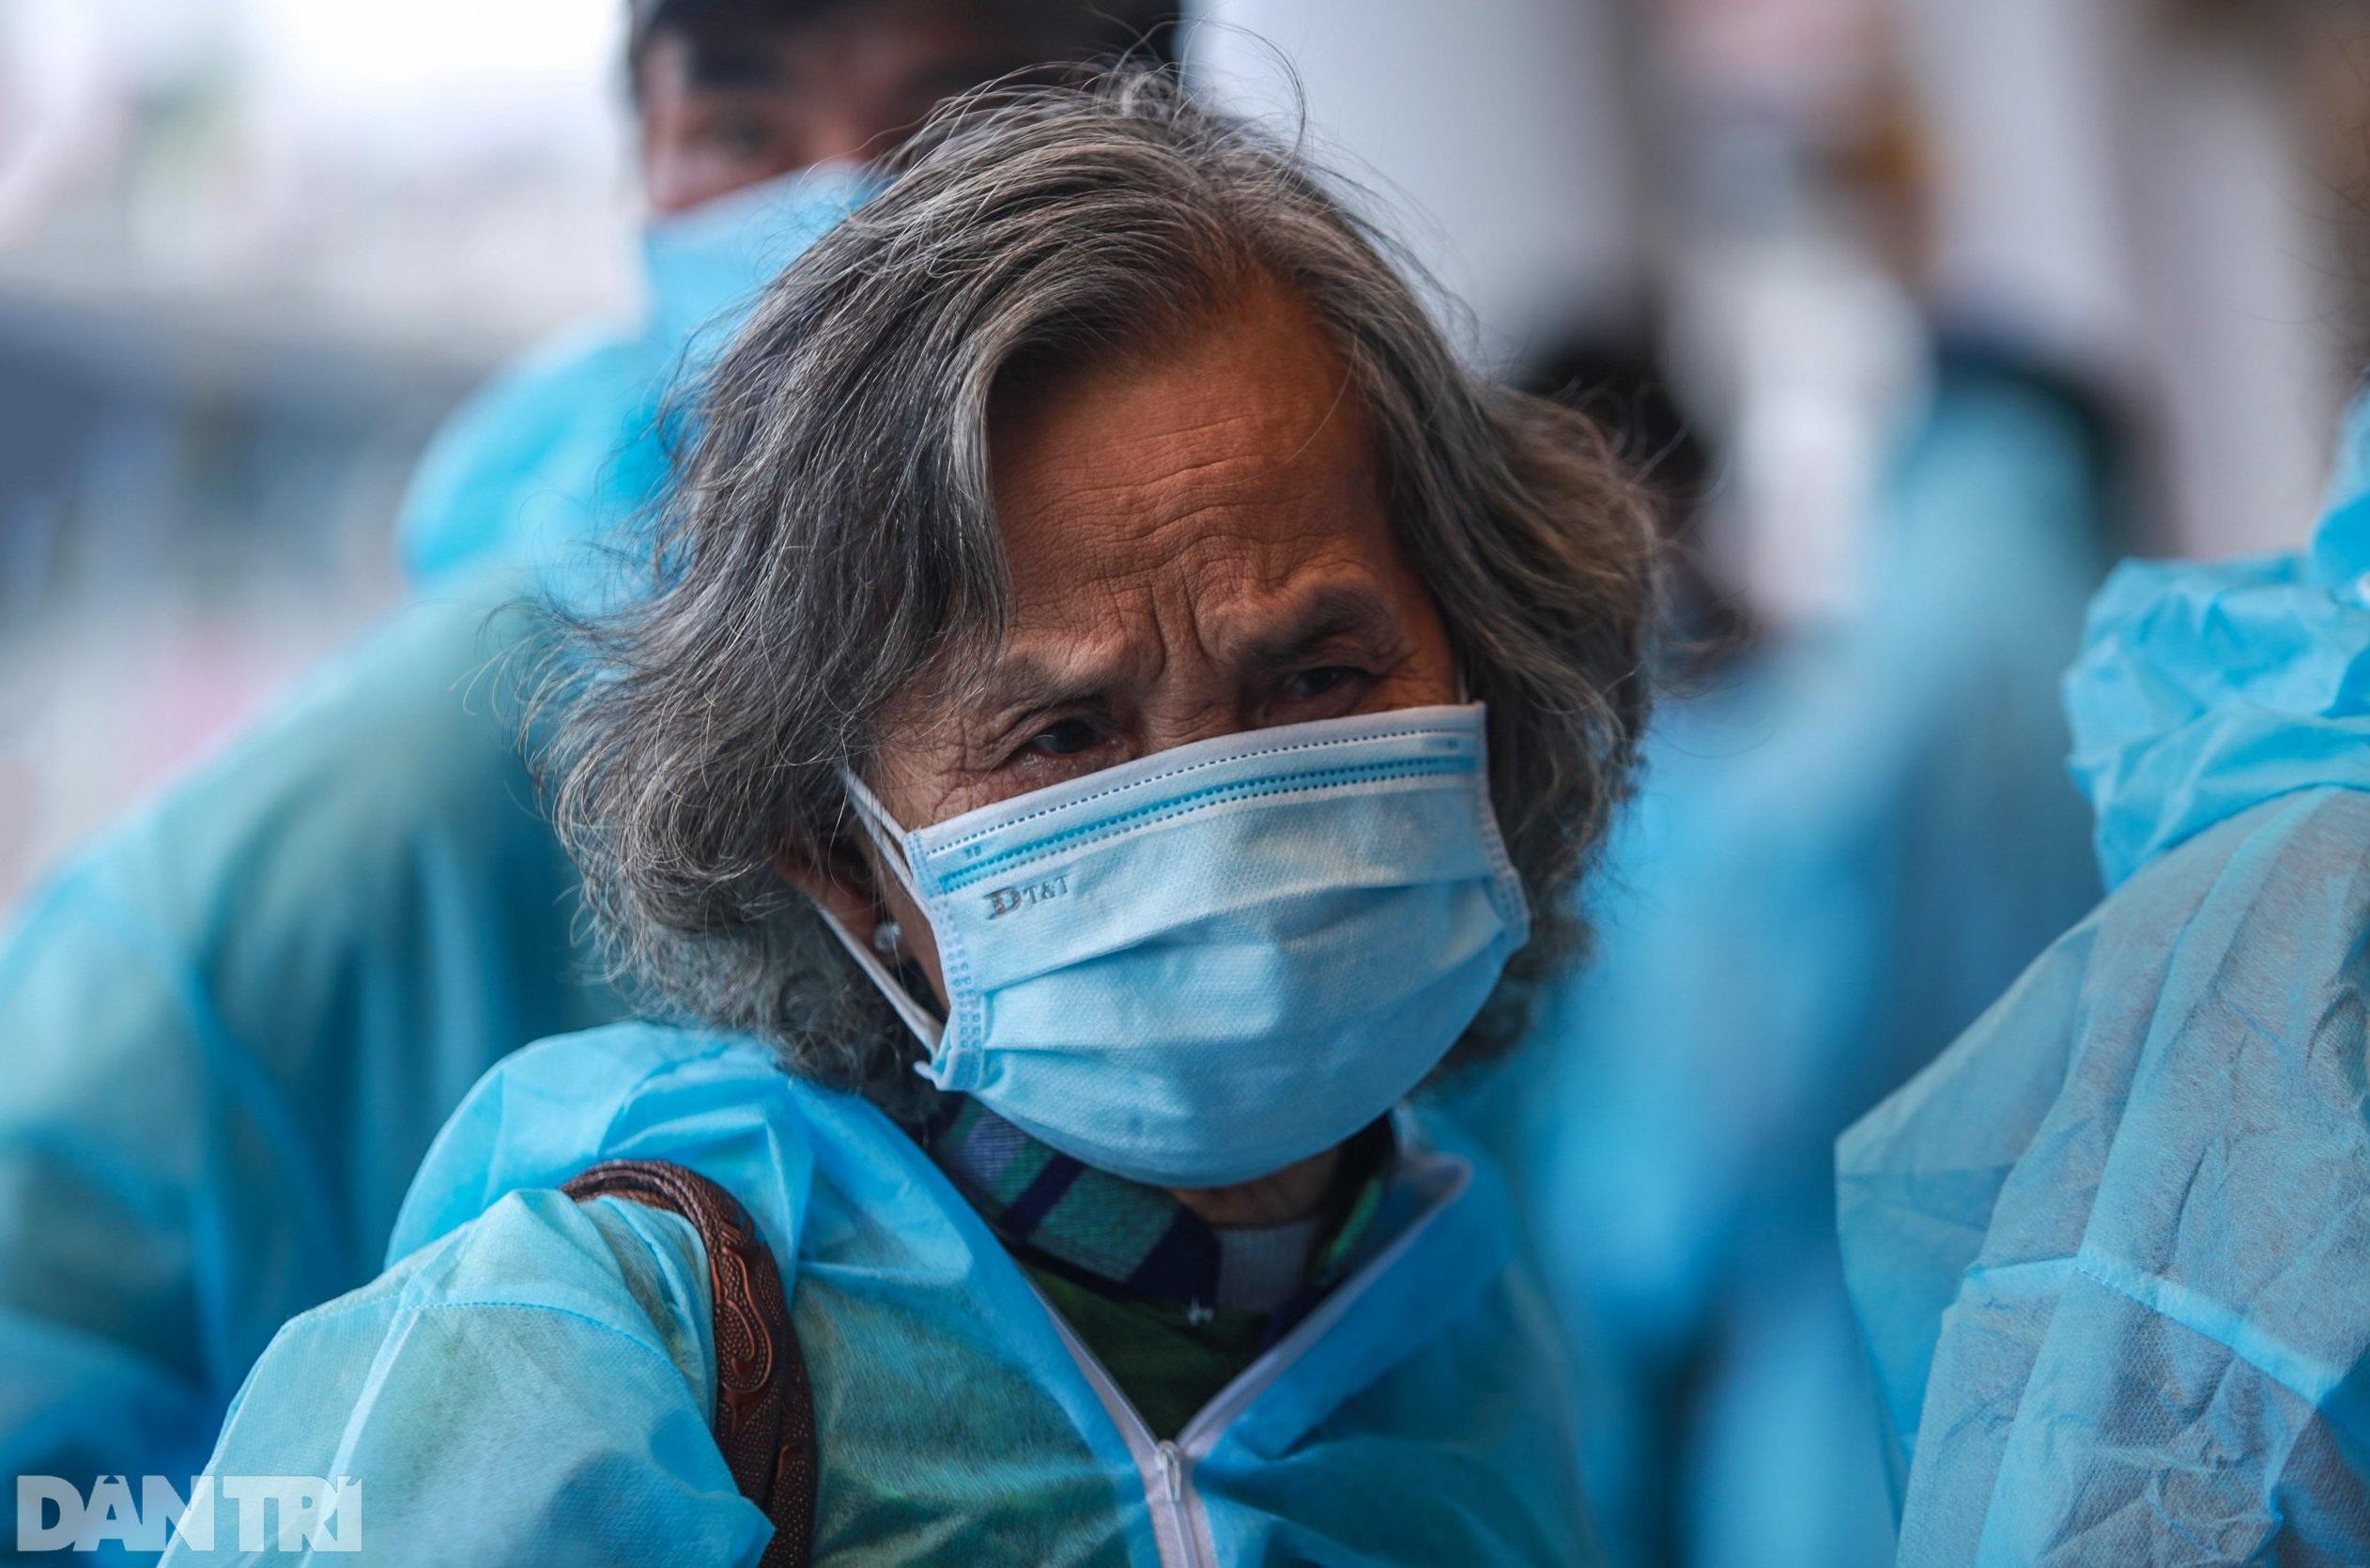 Nỗi lòng người dứt áo rời Sài Gòn về quê khi thành phố đổ bệnh - 1